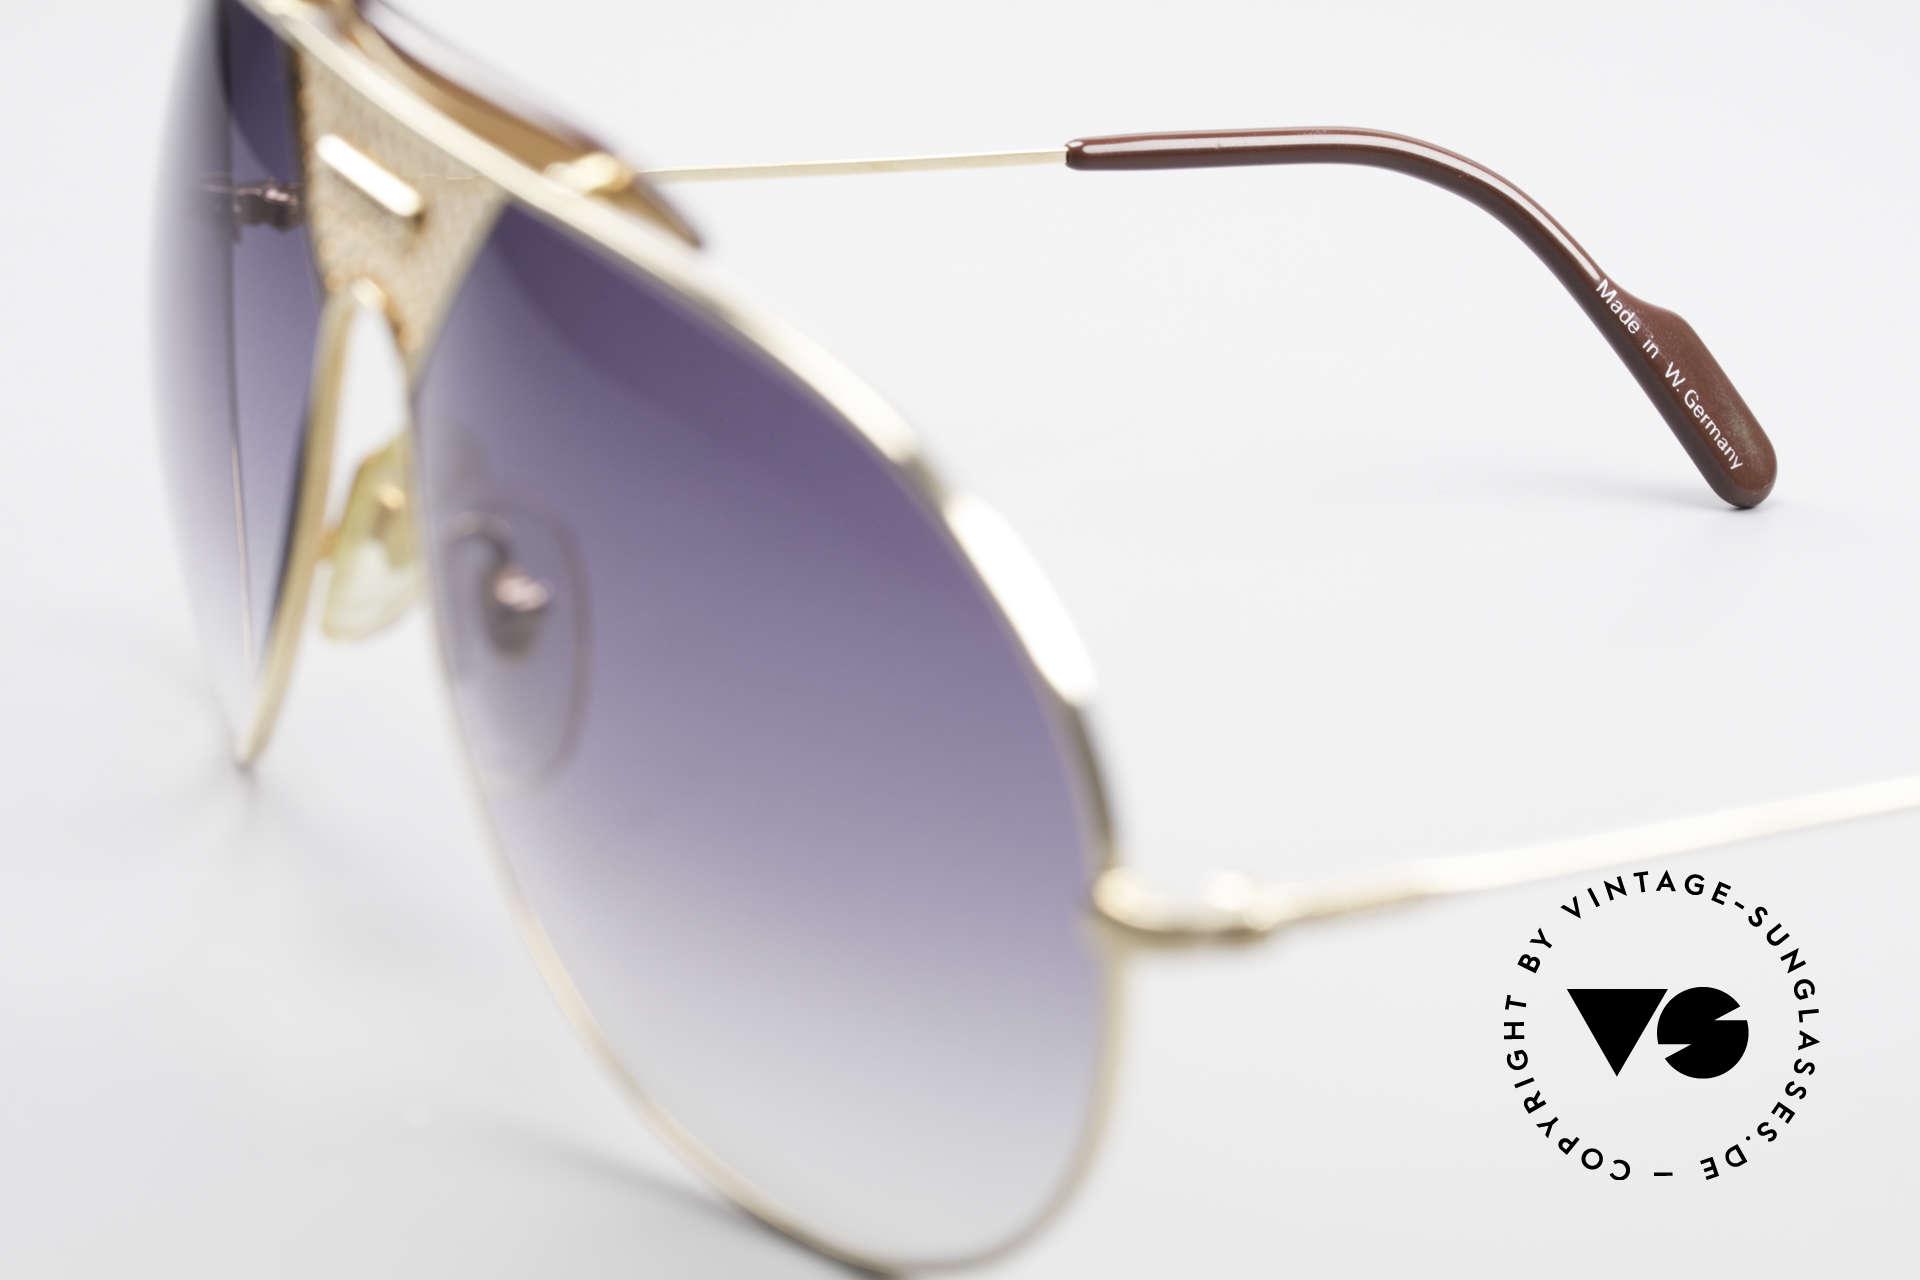 Alpina TR4 80er Miami Vice Sonnenbrille, ungetragen (wie alle unsere ALPINA Sonnenbrillen), Passend für Herren